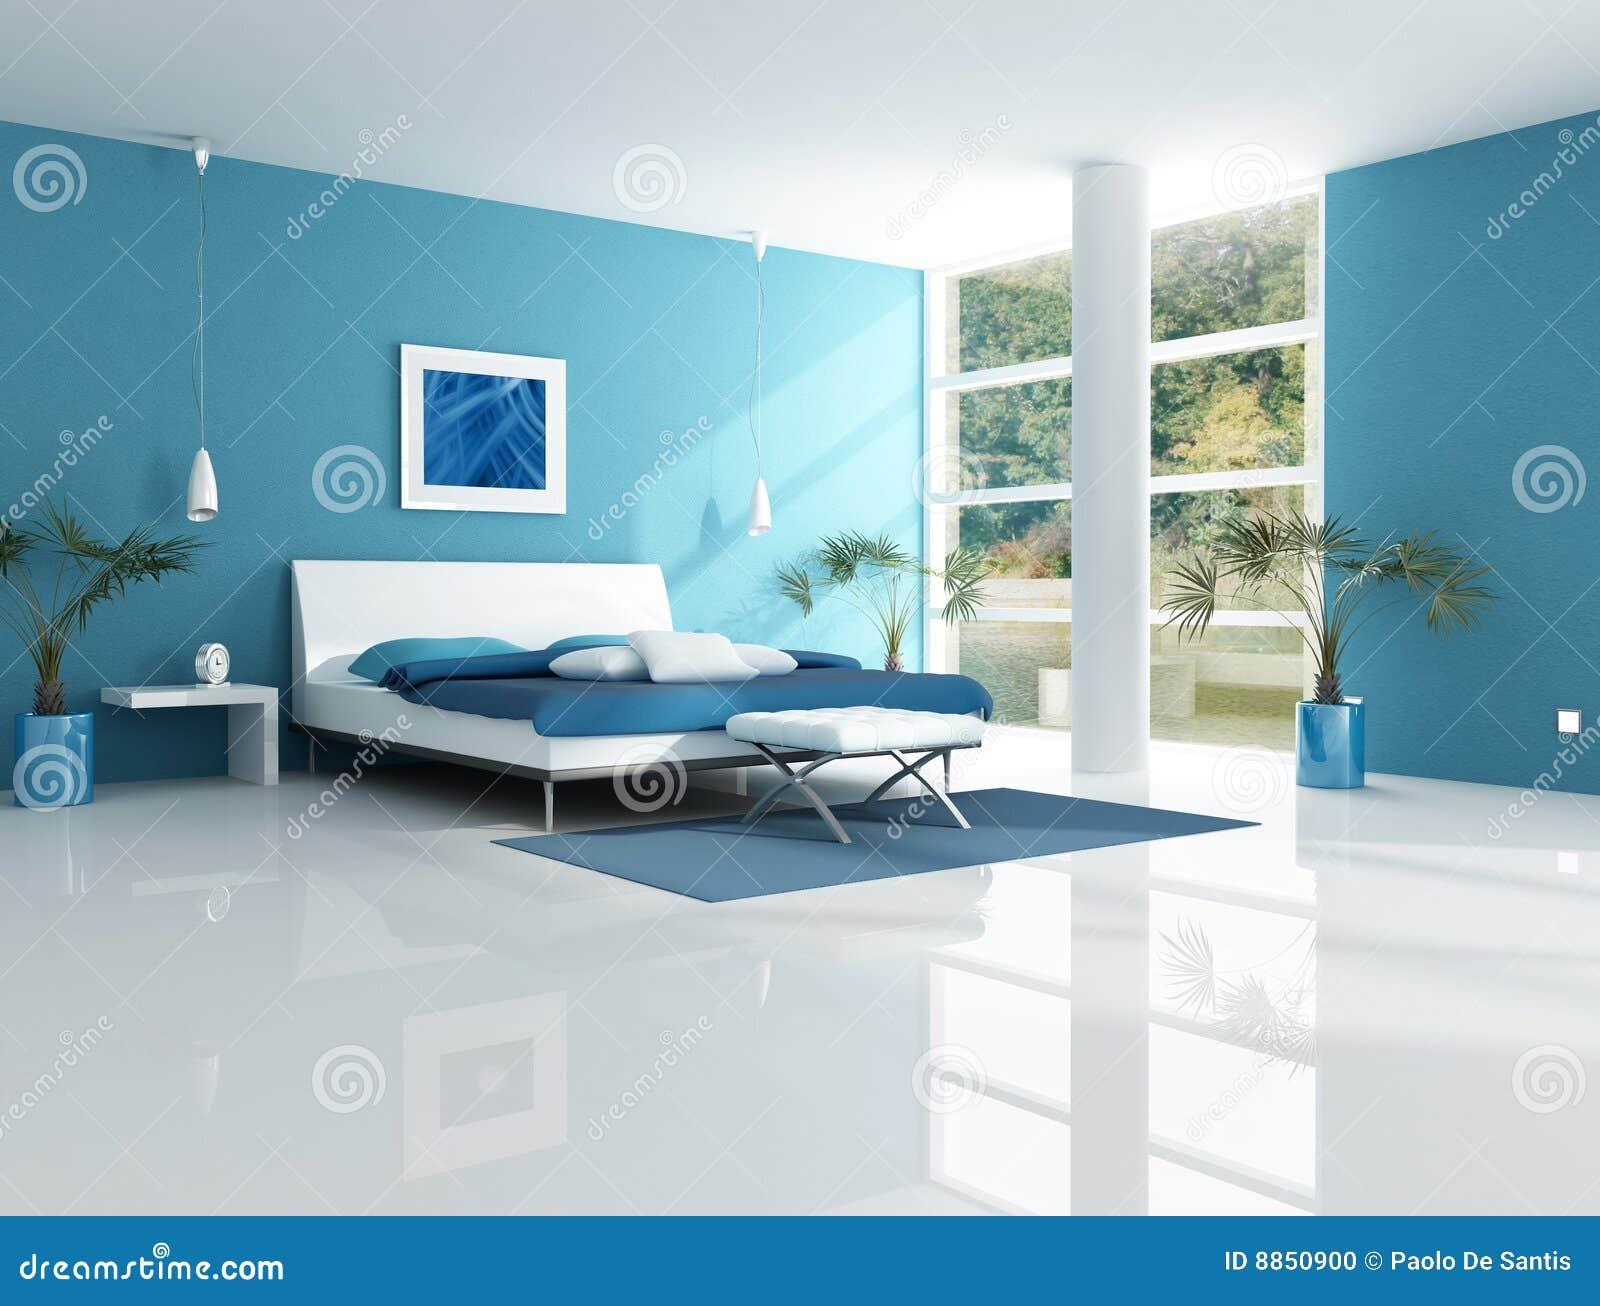 Camere Da Letto Blu : Camere da letto blu camera da letto karina semplici camere